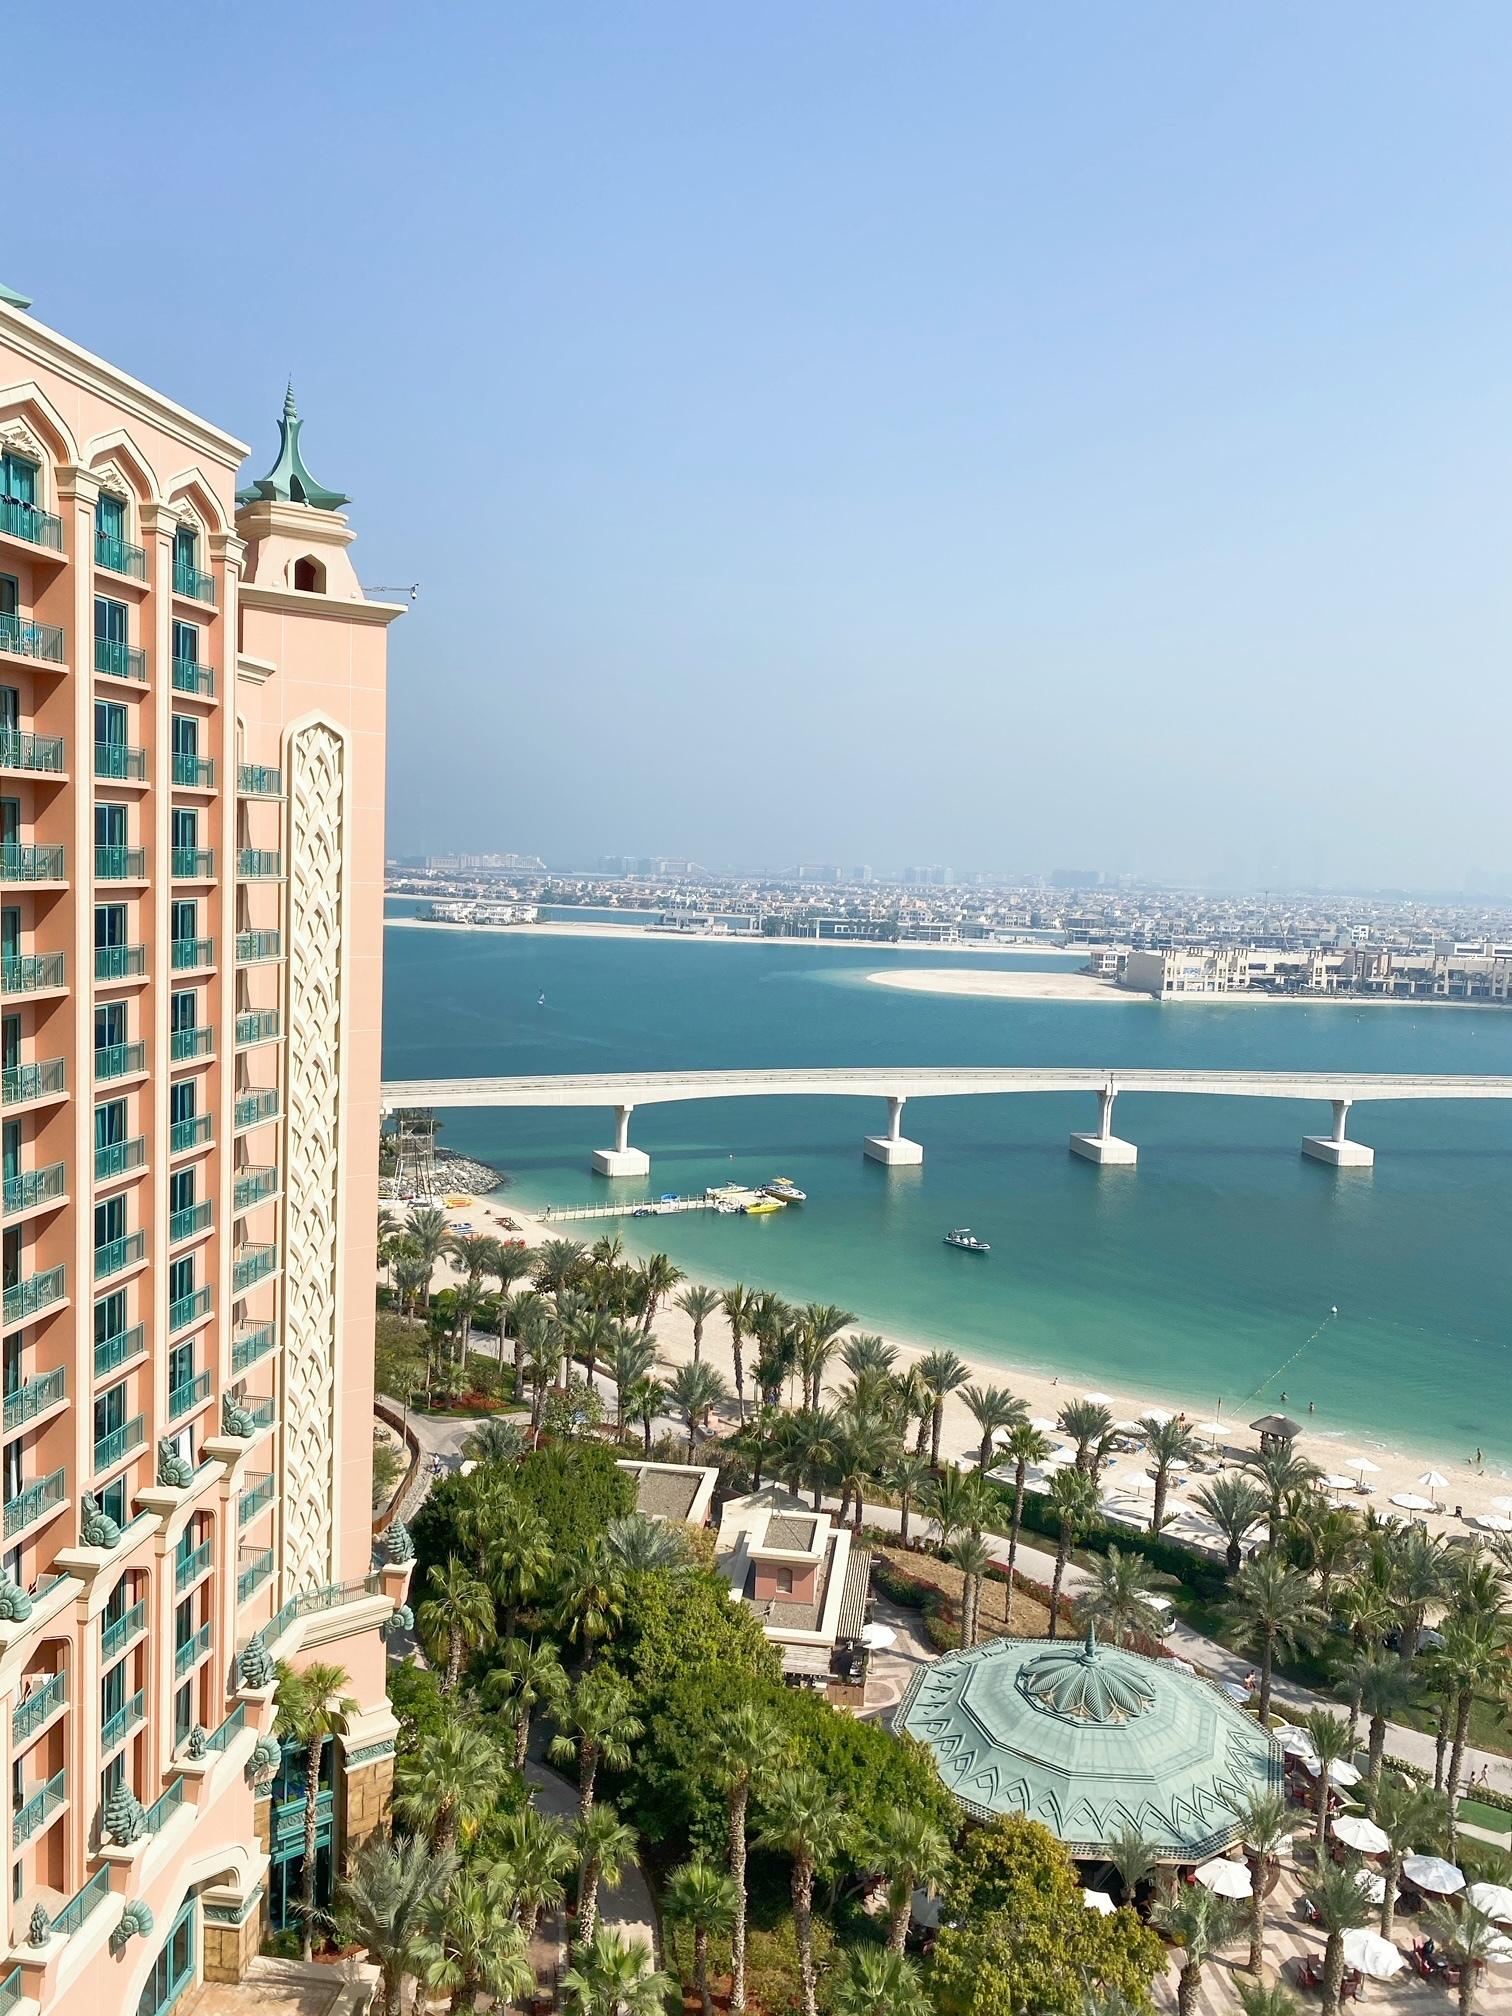 「ATRANTIS THE PALM」ホテルのお部屋&プライベートビーチ 〜ドバイ⑦〜_1_15